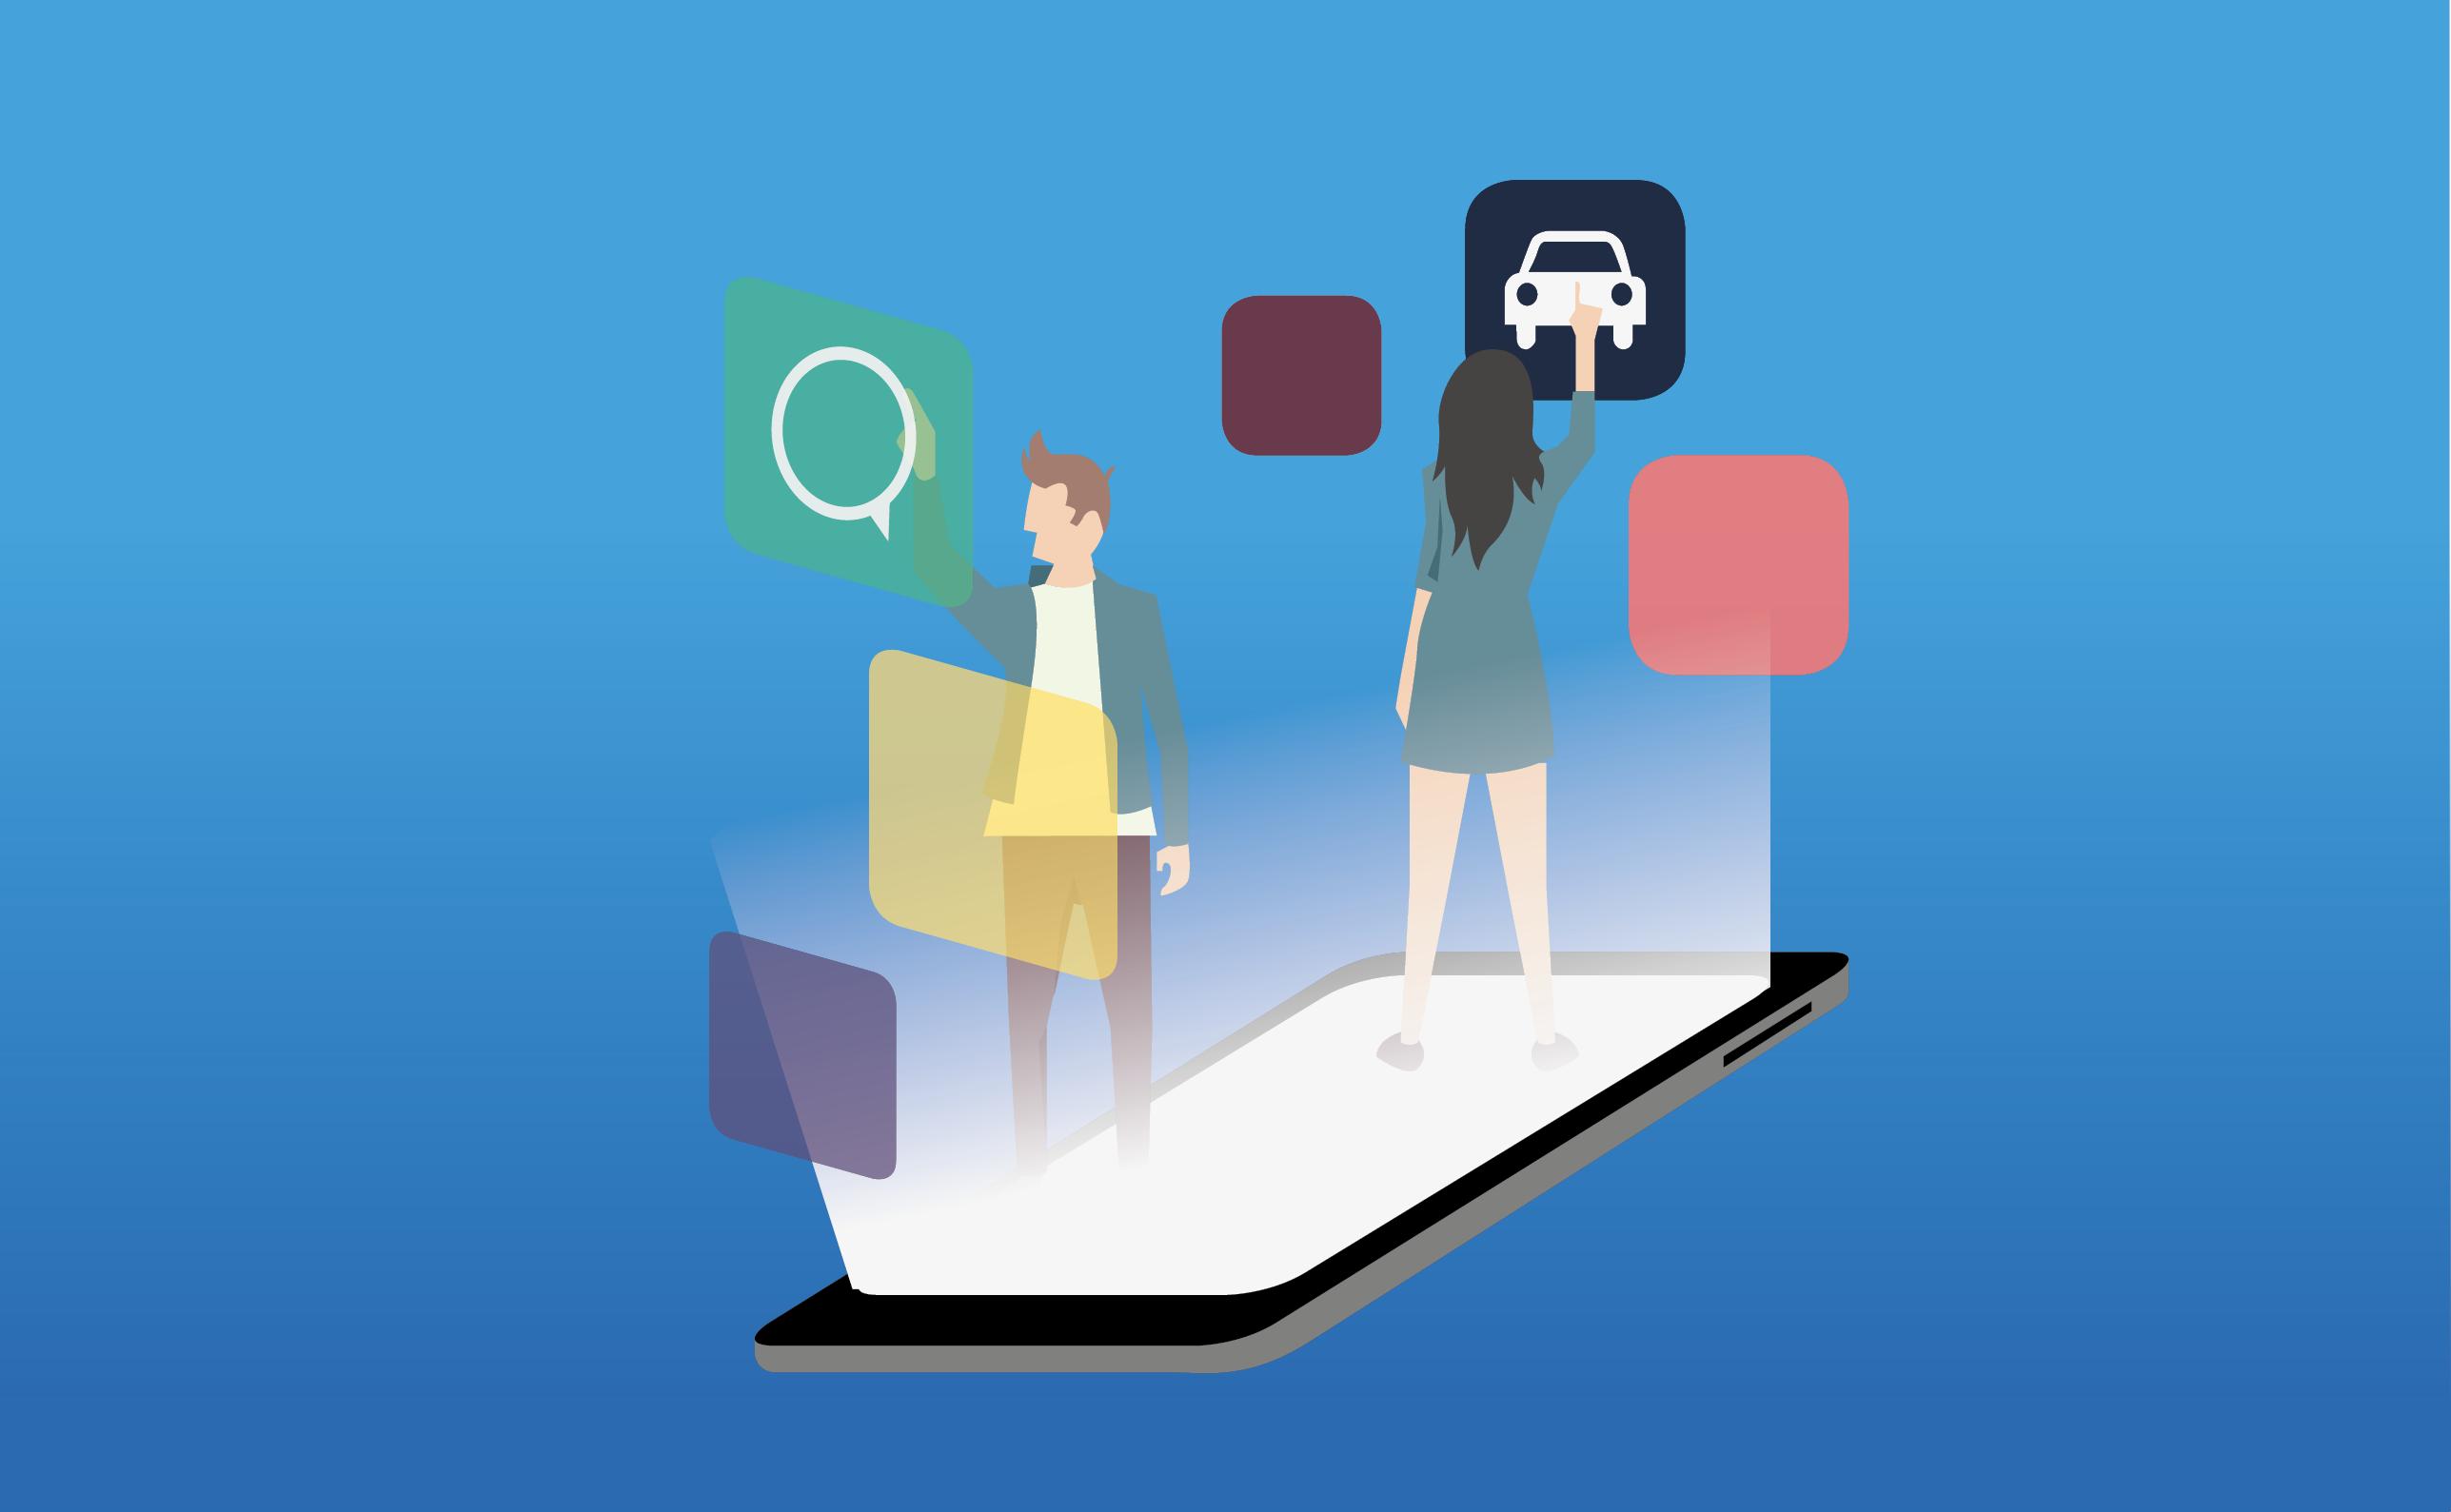 Ilustração com dois jovens acessando aplicativos no celular